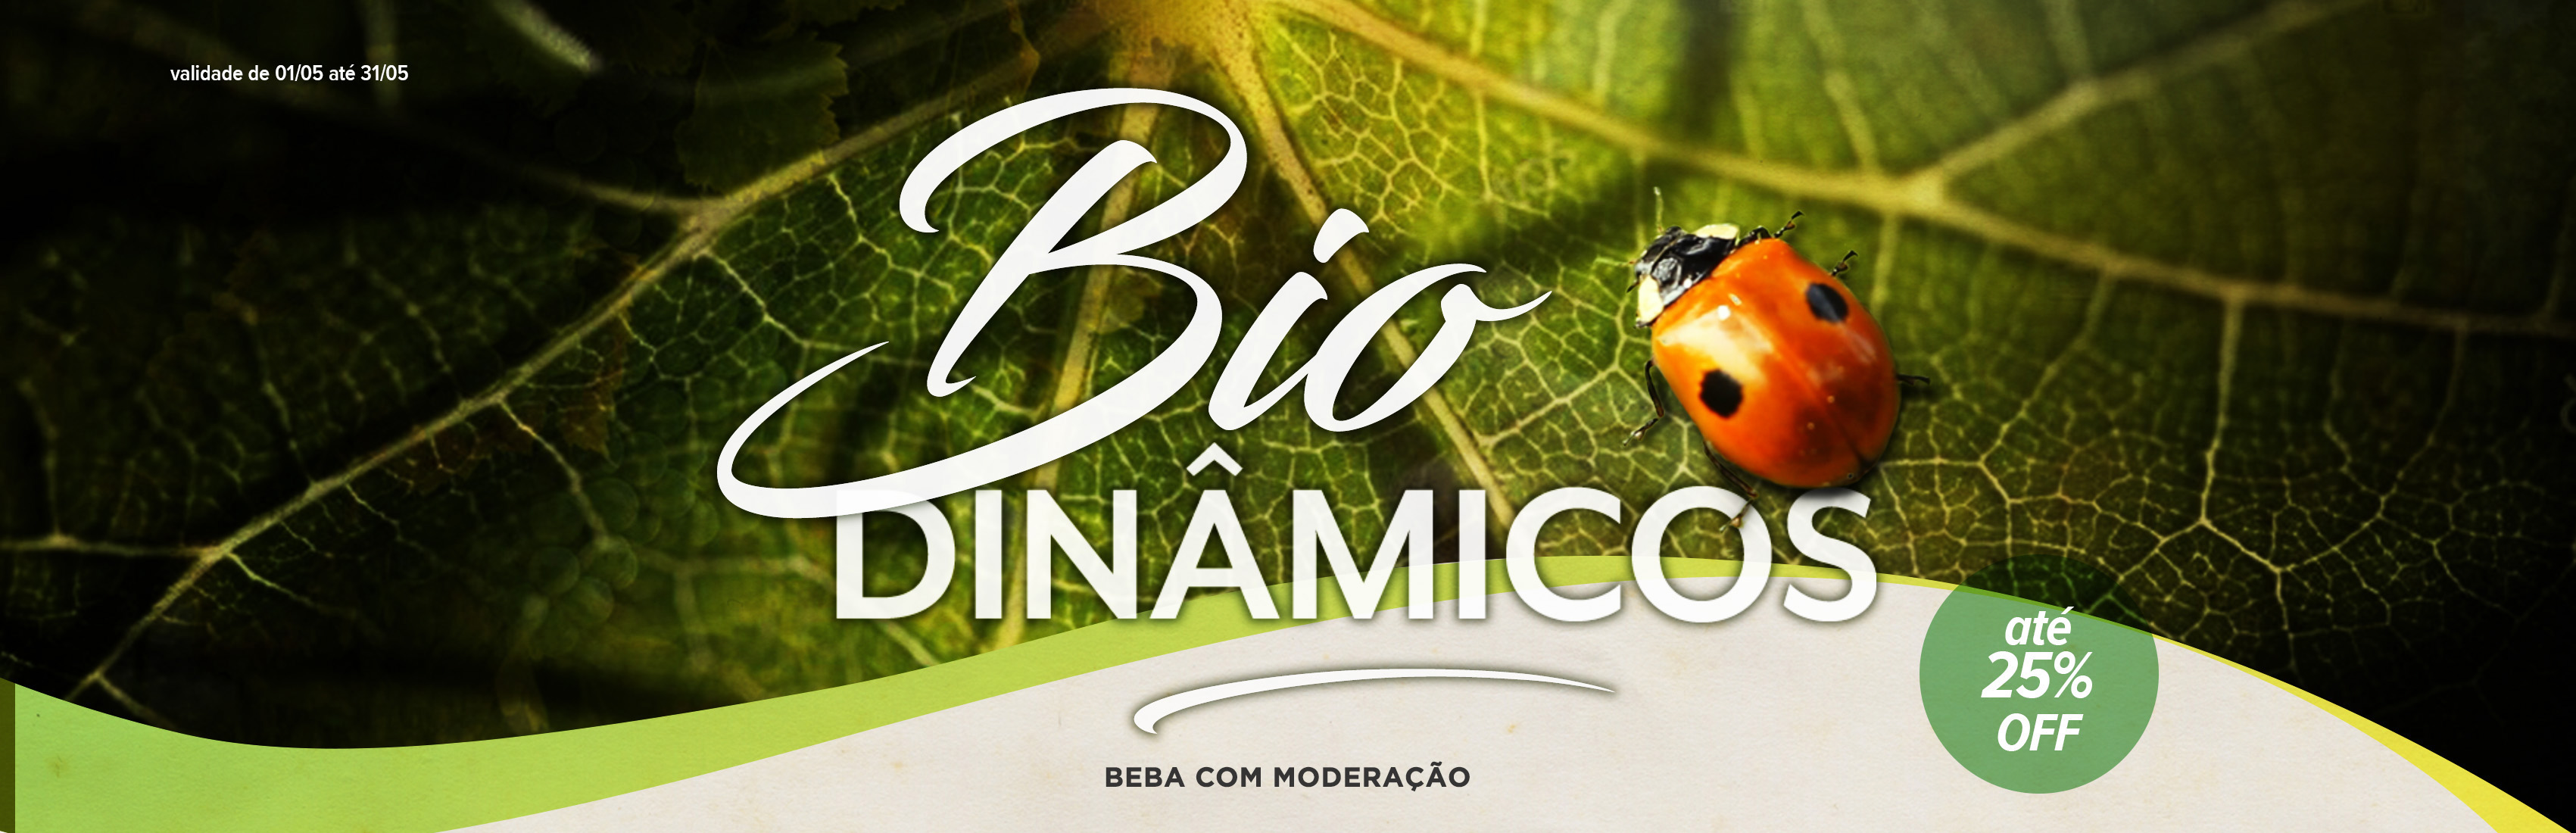 Biodinâmicos